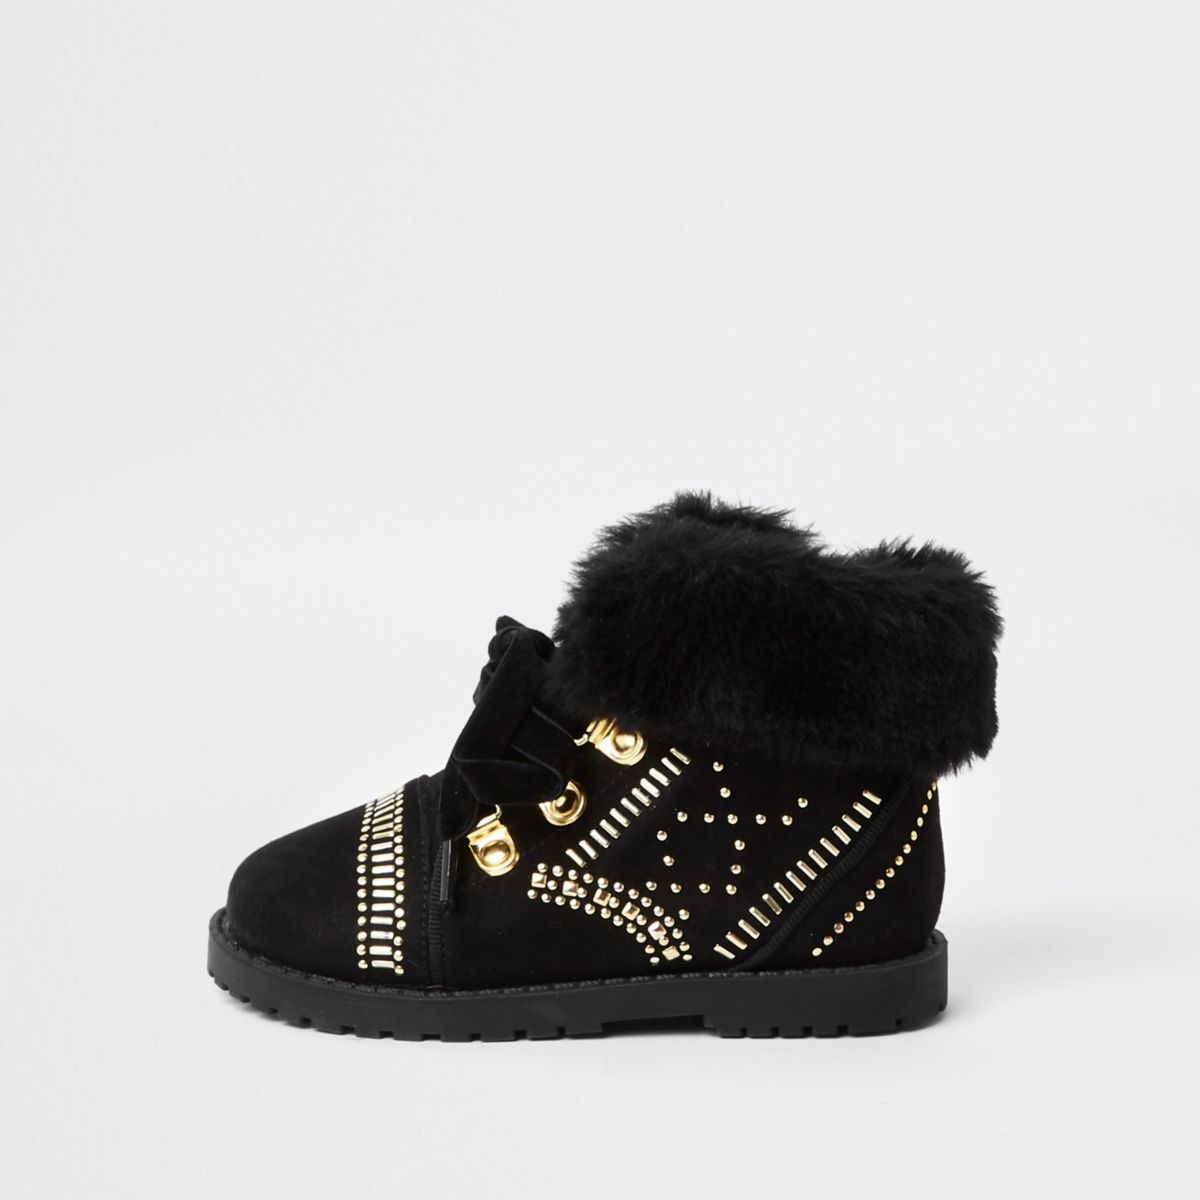 RI 30 mini girls black RI studded boot